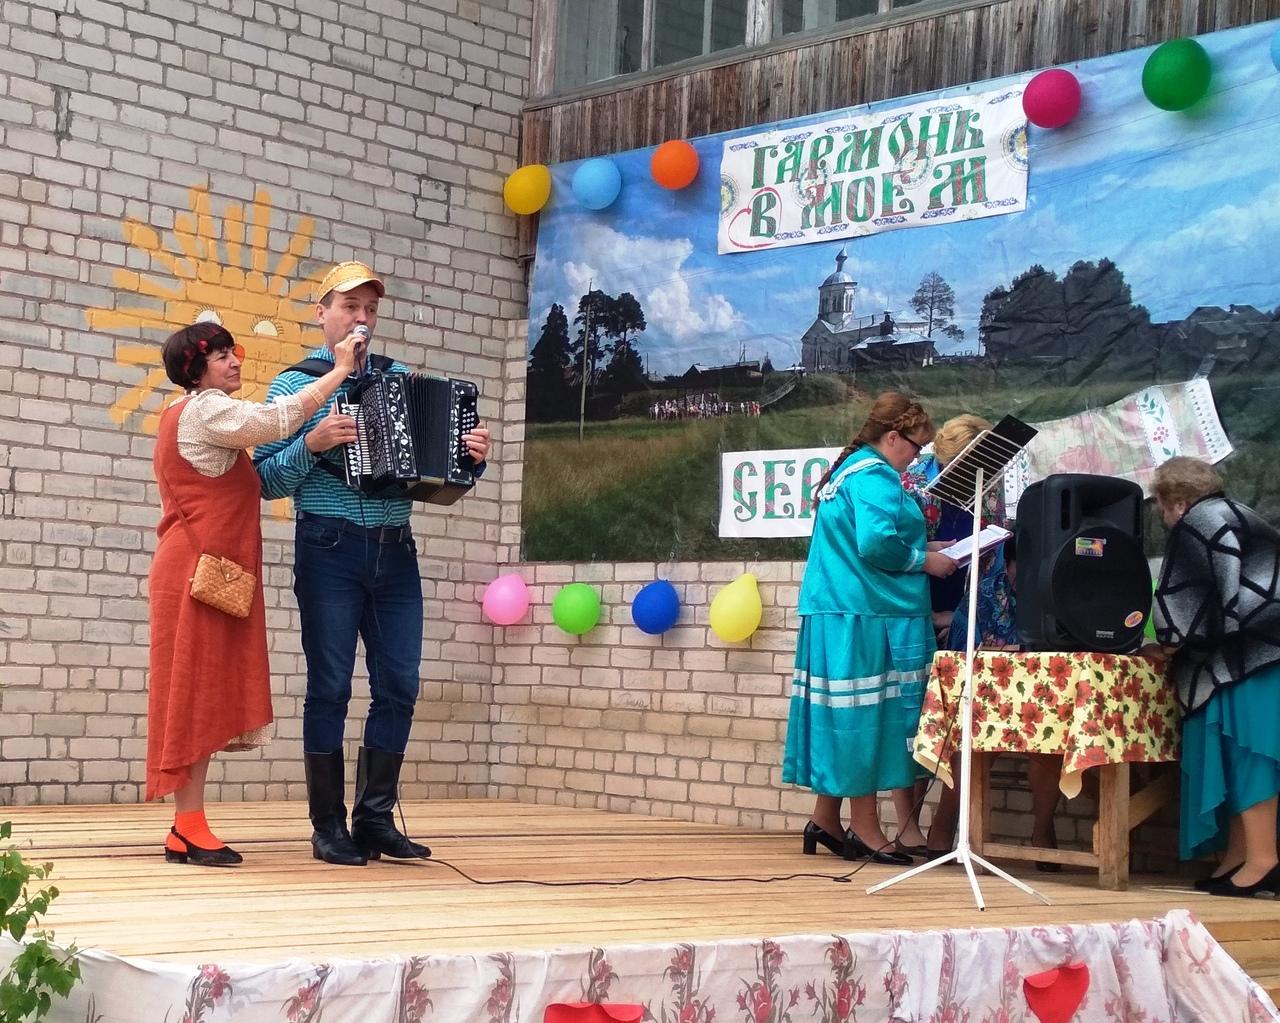 Первый всероссийский фестиваль «Гармонь в моем сердце» проходит на Вологодчине